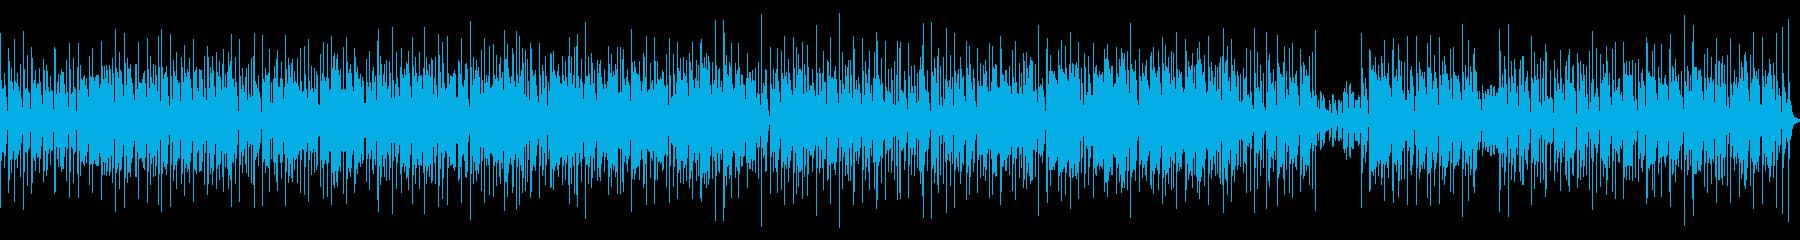 コミカル、インド、エスニックな曲の再生済みの波形